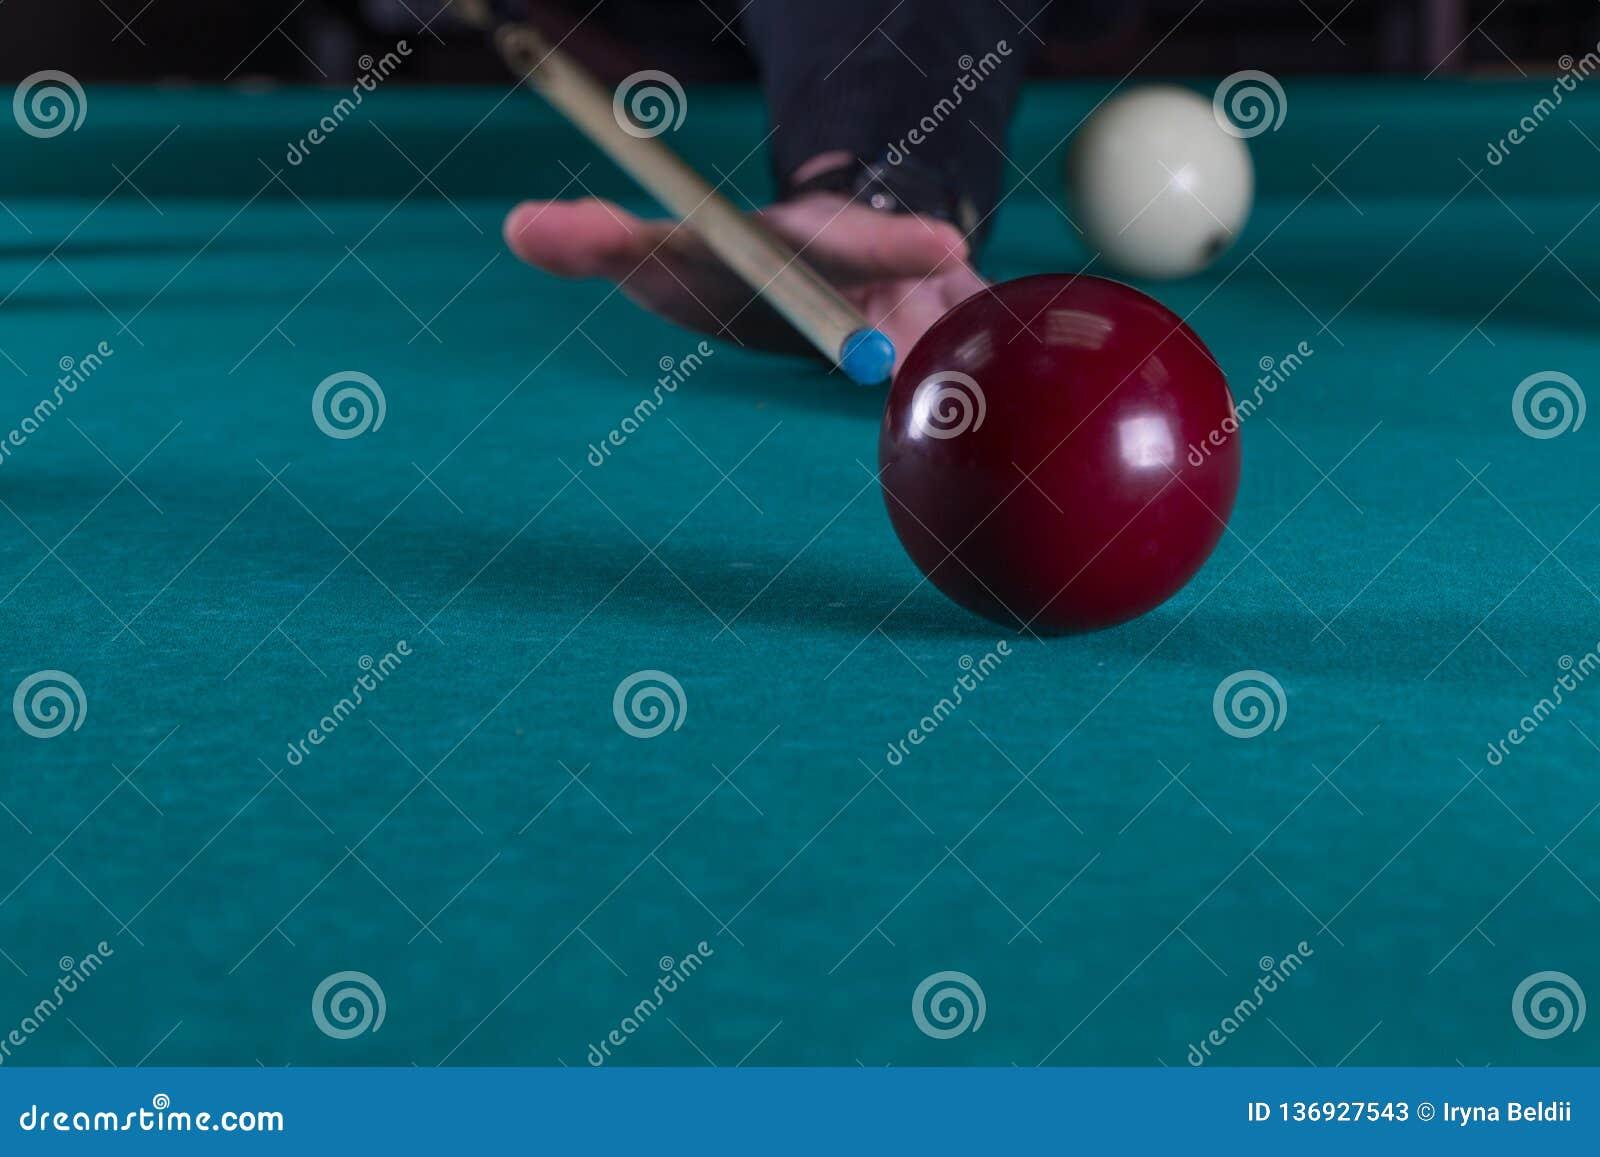 Sztuk Billiards wskazówka i bilardowe piłki młotkuje piłkę w dziurę